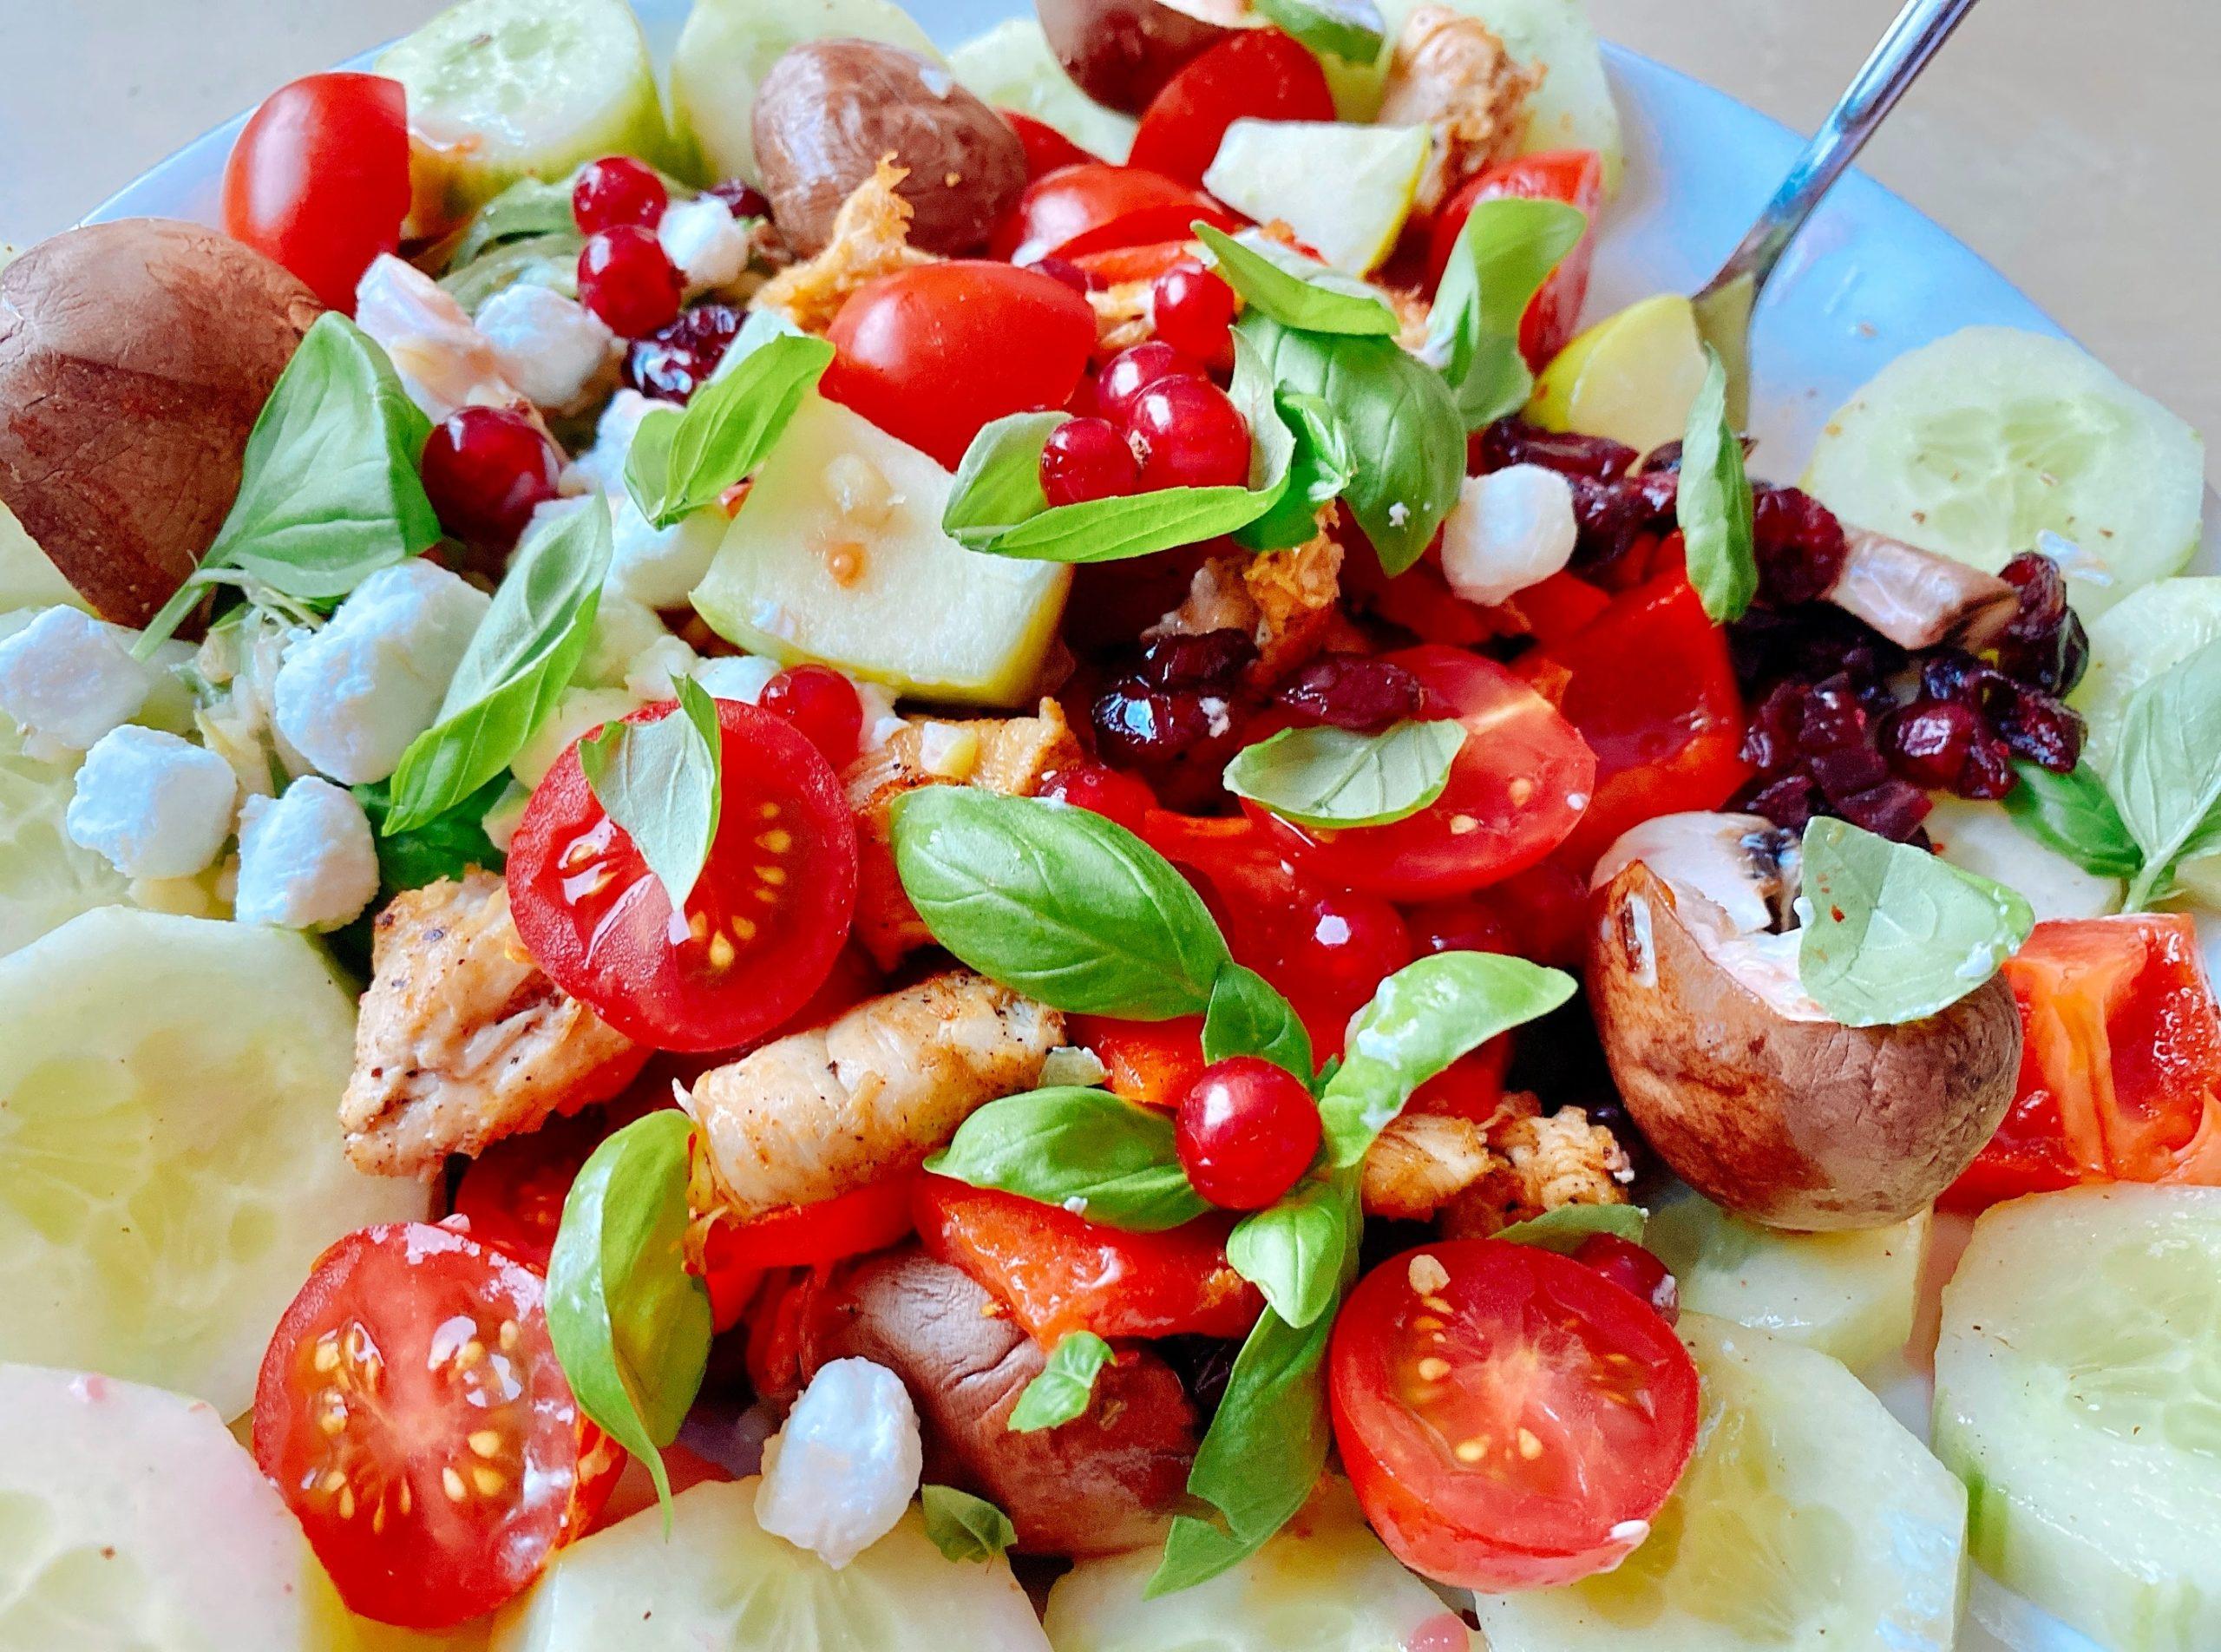 ελληνική διατροφή